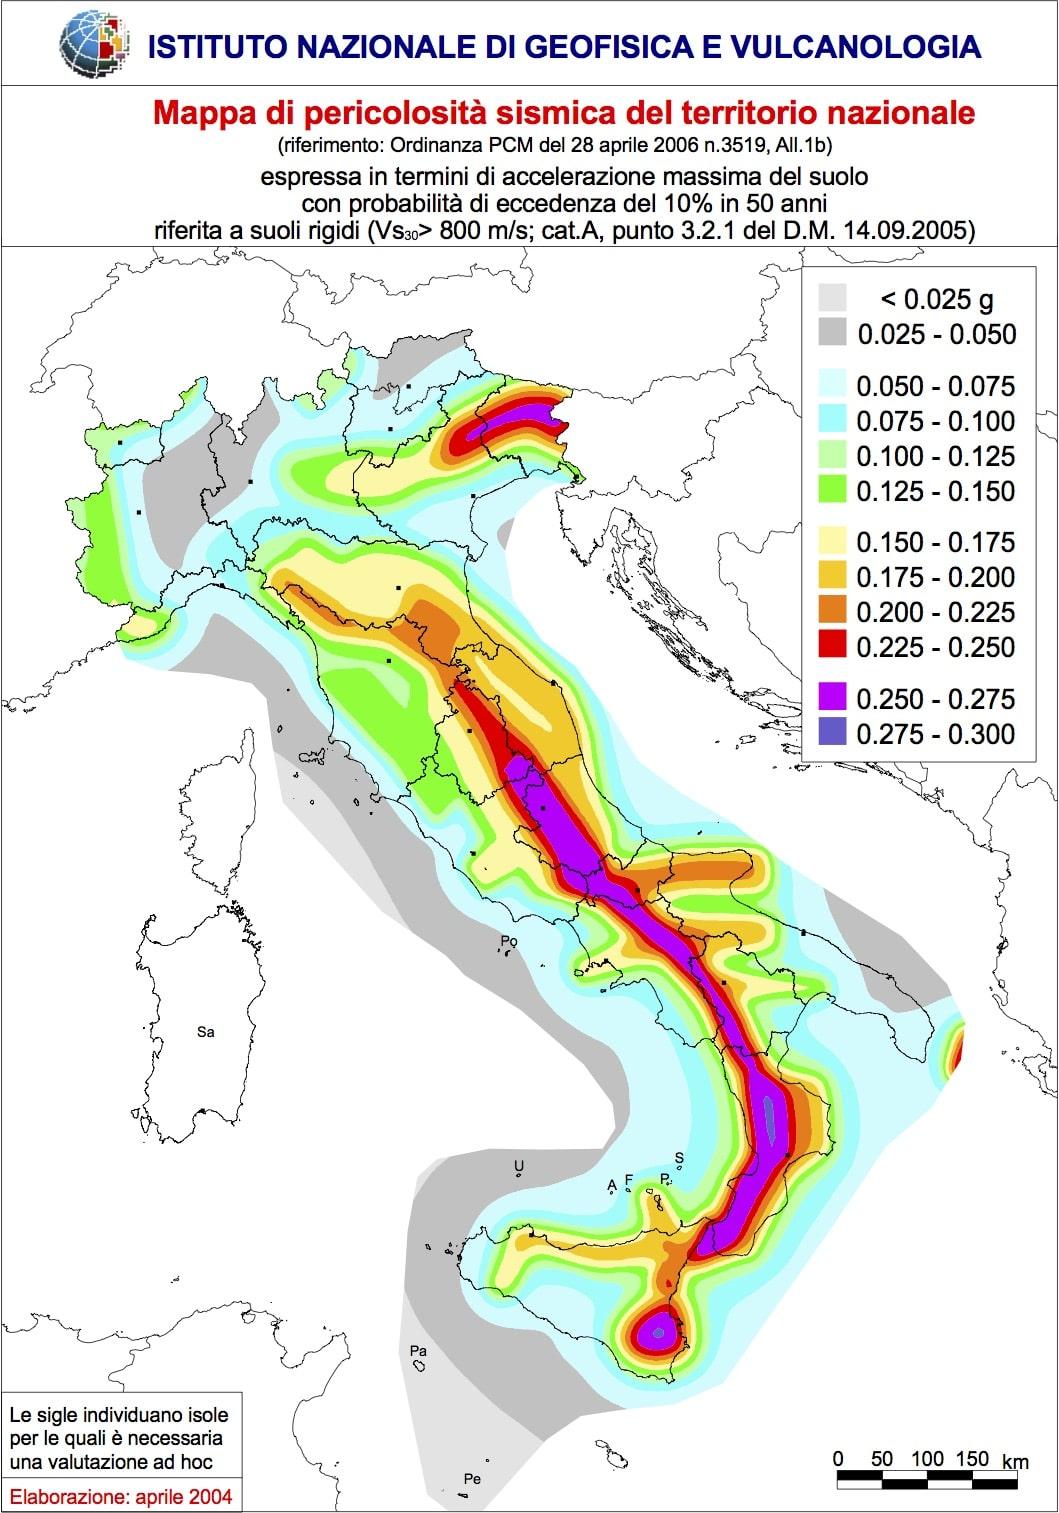 Terremoto oggi in Italia 14 agosto 2020: tutte le ultime scosse | Tempo reale